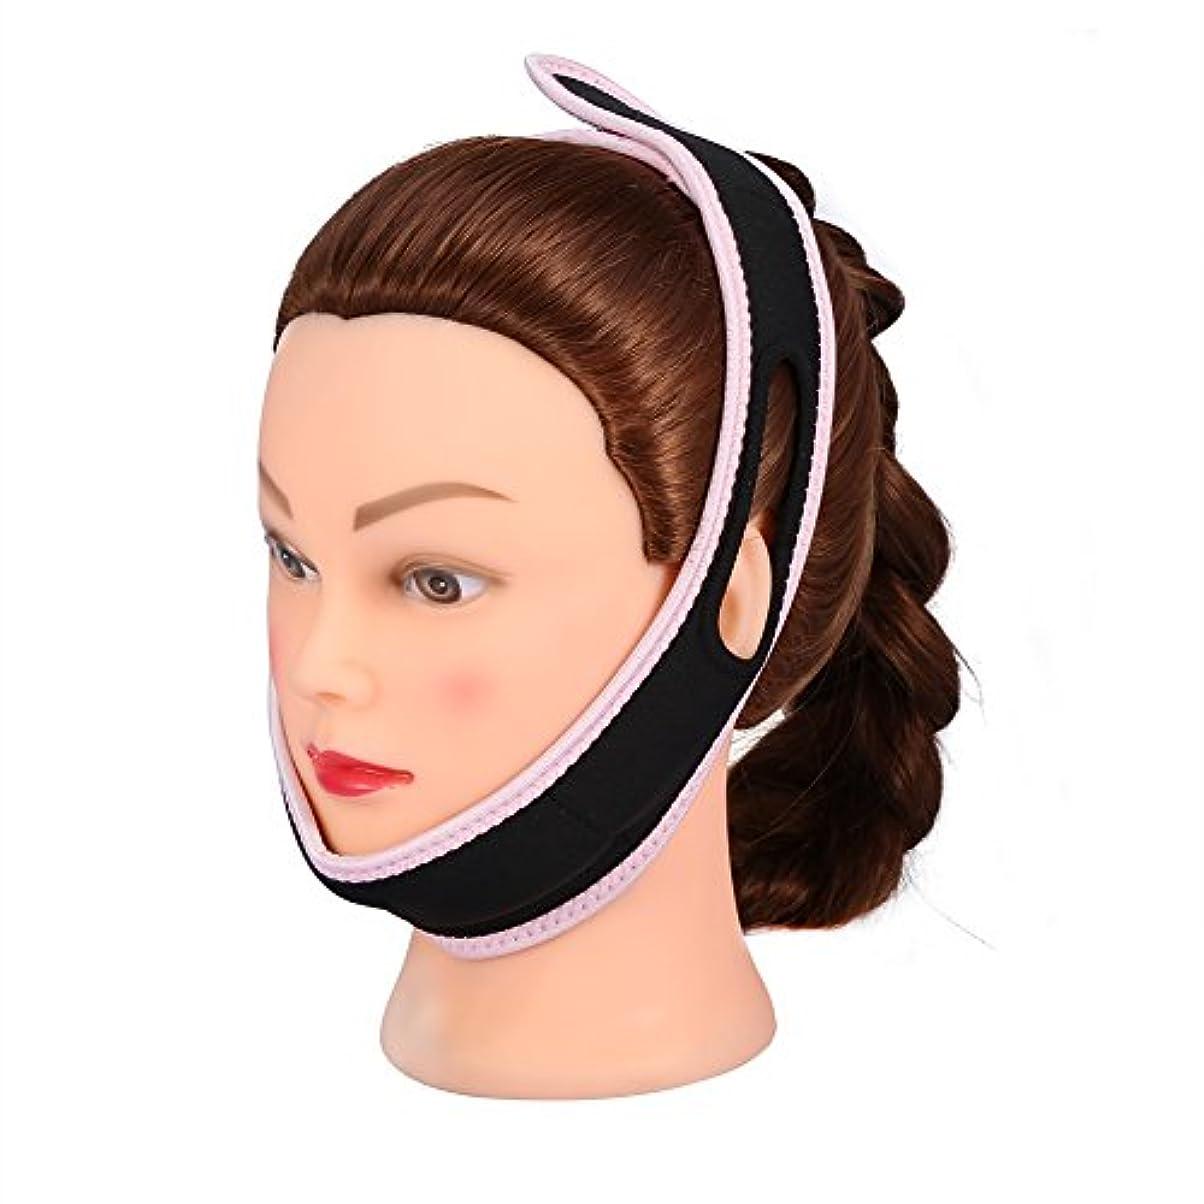 試みる休眠スライム顔の包帯フェイシャルスリミングマスクナイロン&ポリエステルフェイスケアのための薄い首の顔リフトダブルチン女性、黒